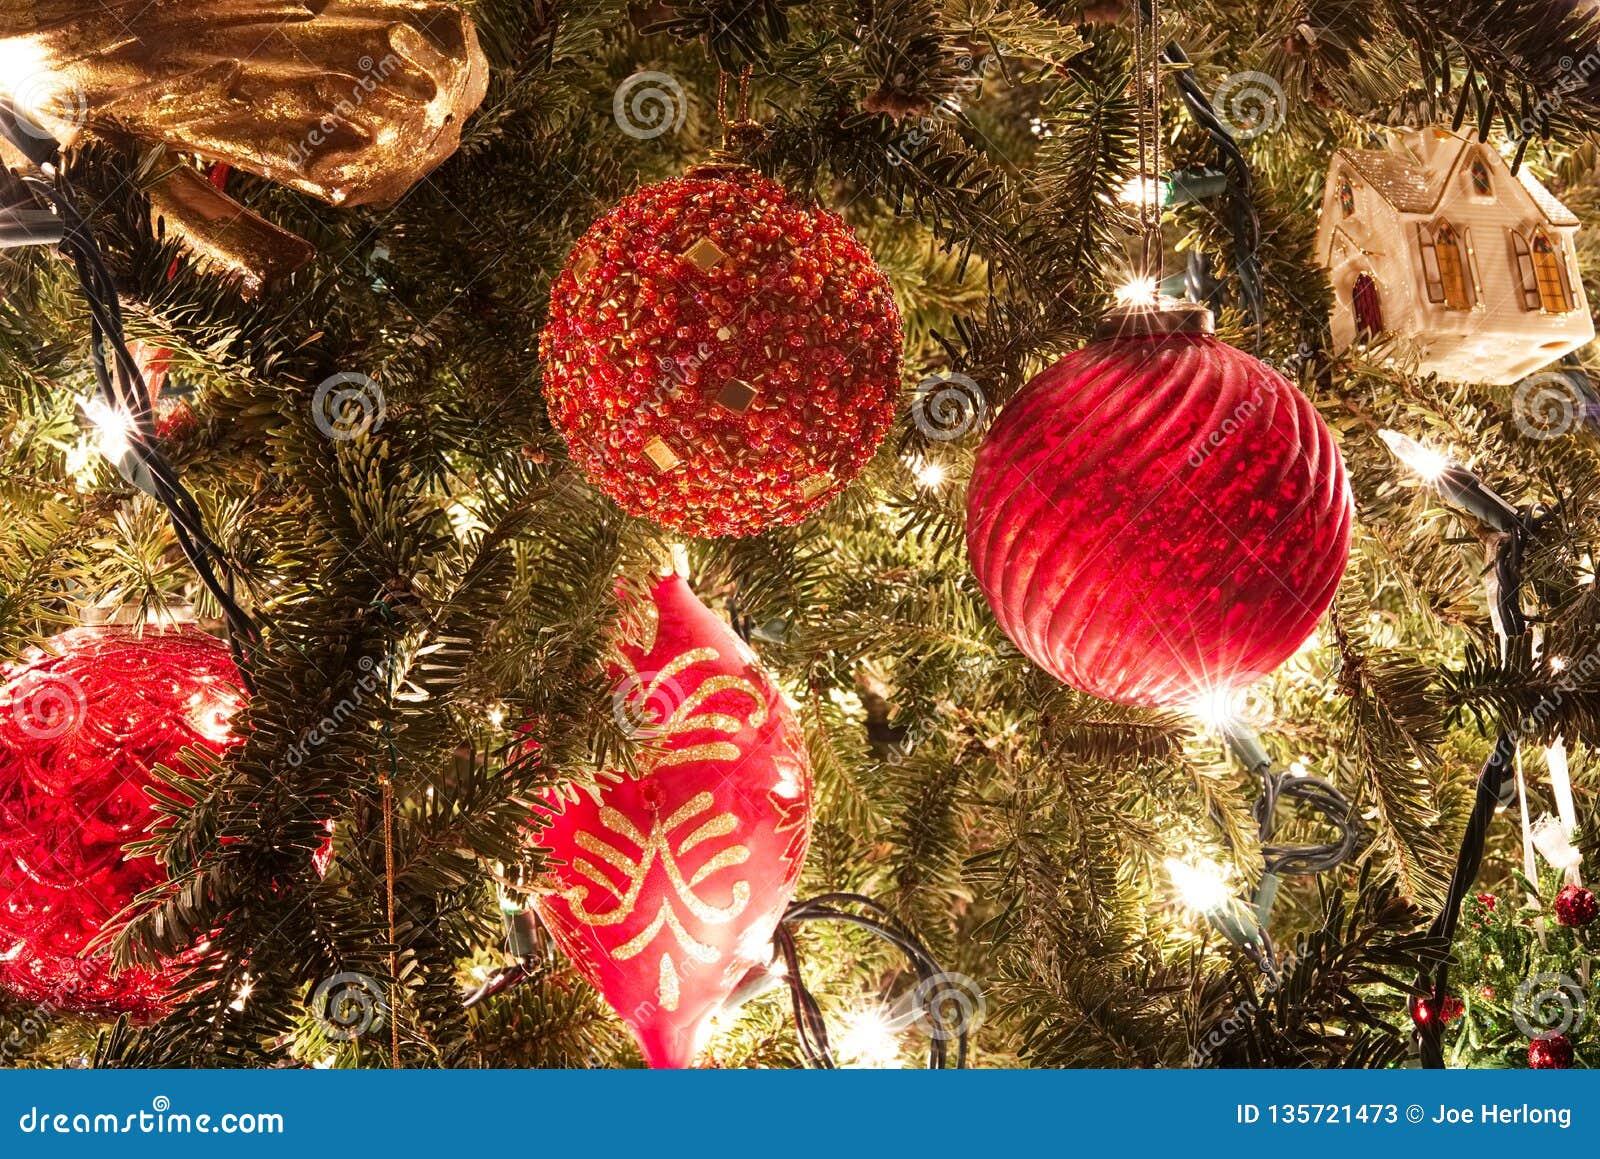 Τα κόκκινα Χριστούγεννα διακοσμούν την ένωση σε ένα δέντρο με τα θολωμένα φω τα στο υπόβαθρο